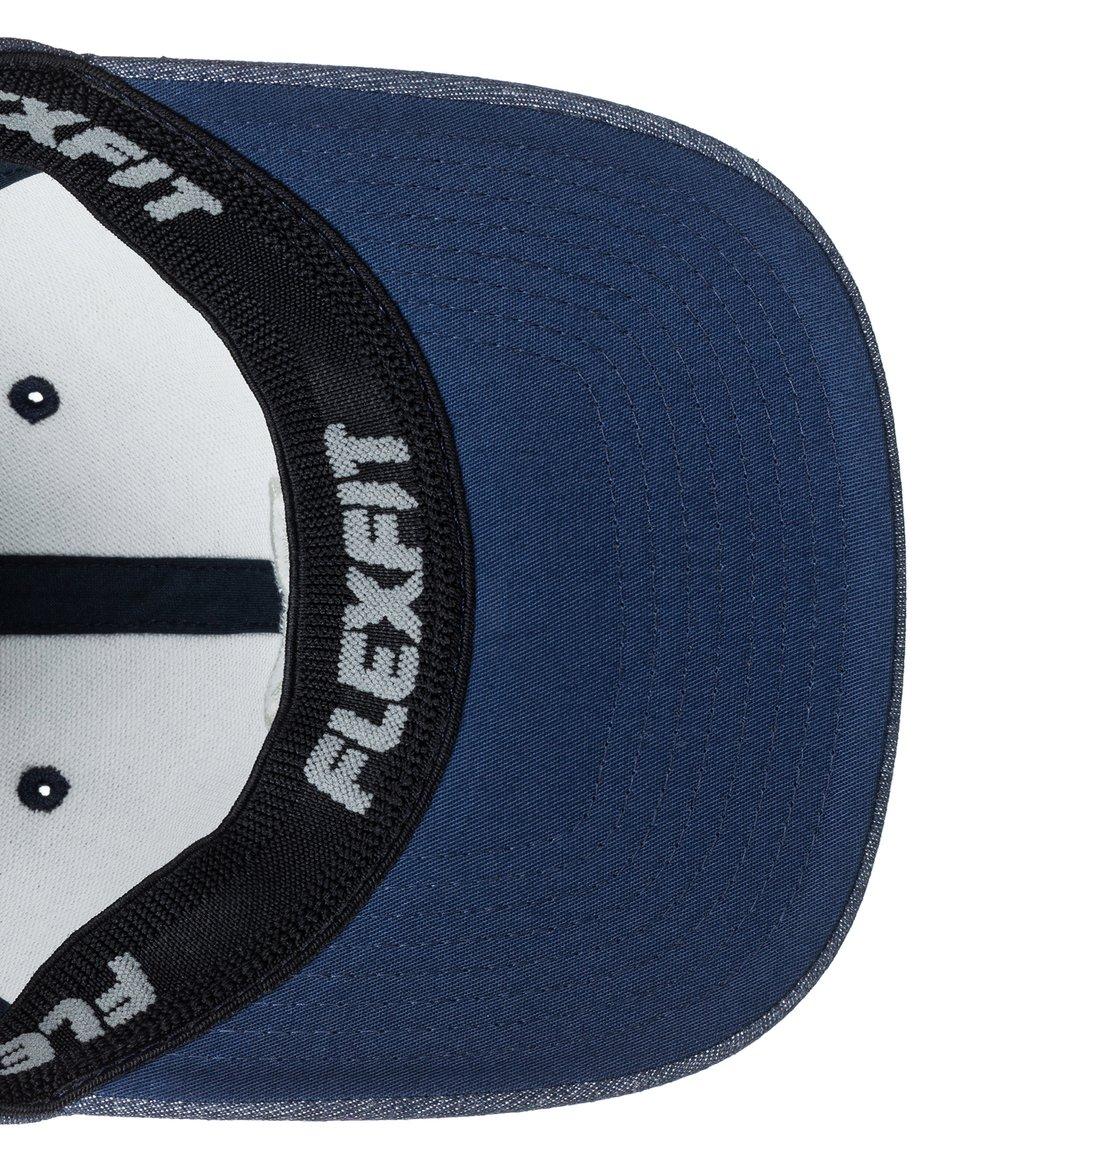 55c9a1ef48d52 3 Capstar TX Flexfit Hat Blue ADYHA03561 DC Shoes